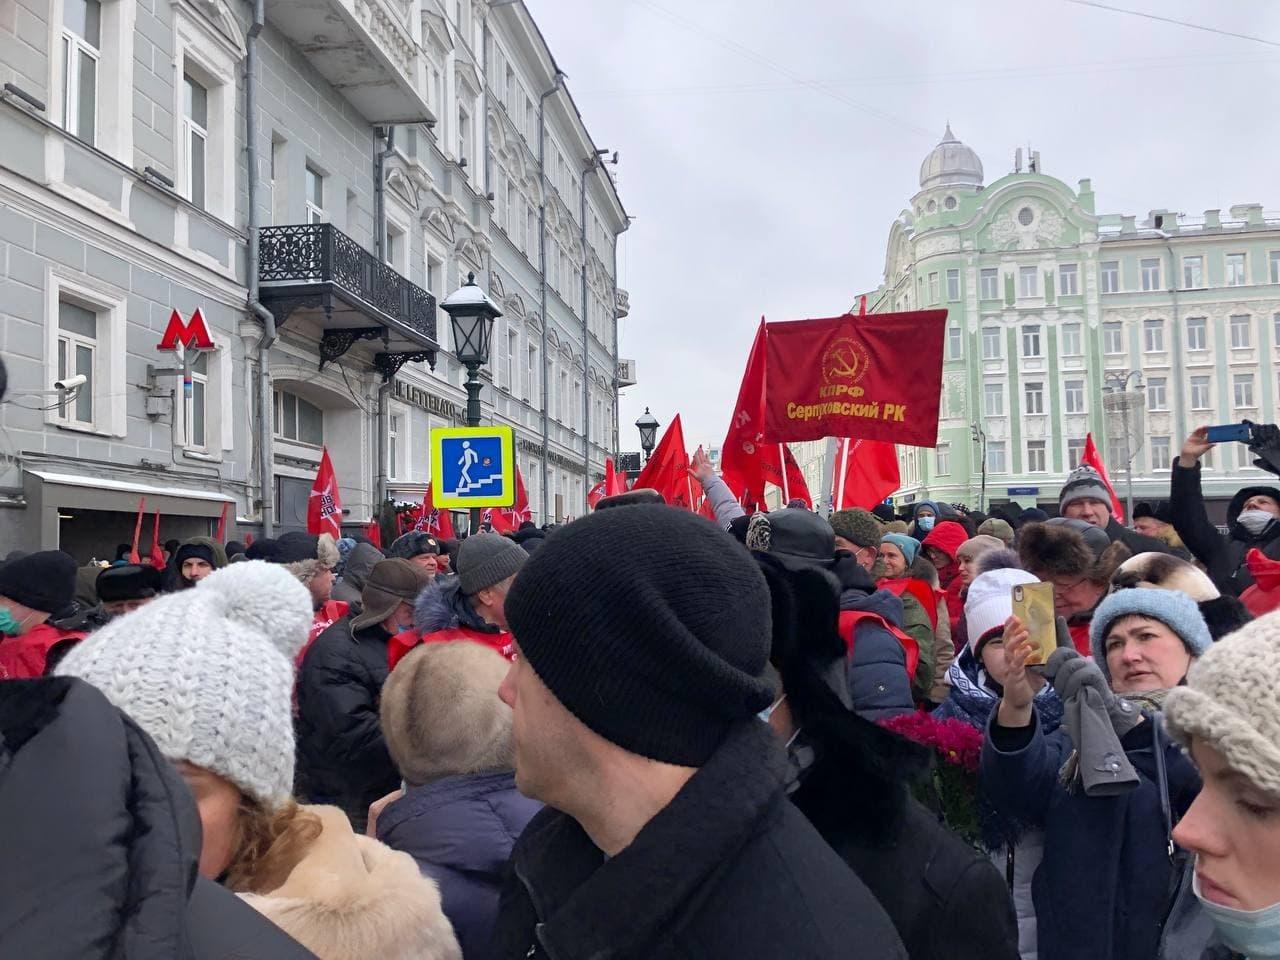 Шествие КПРФ в центре Москвы прошло без задержаний